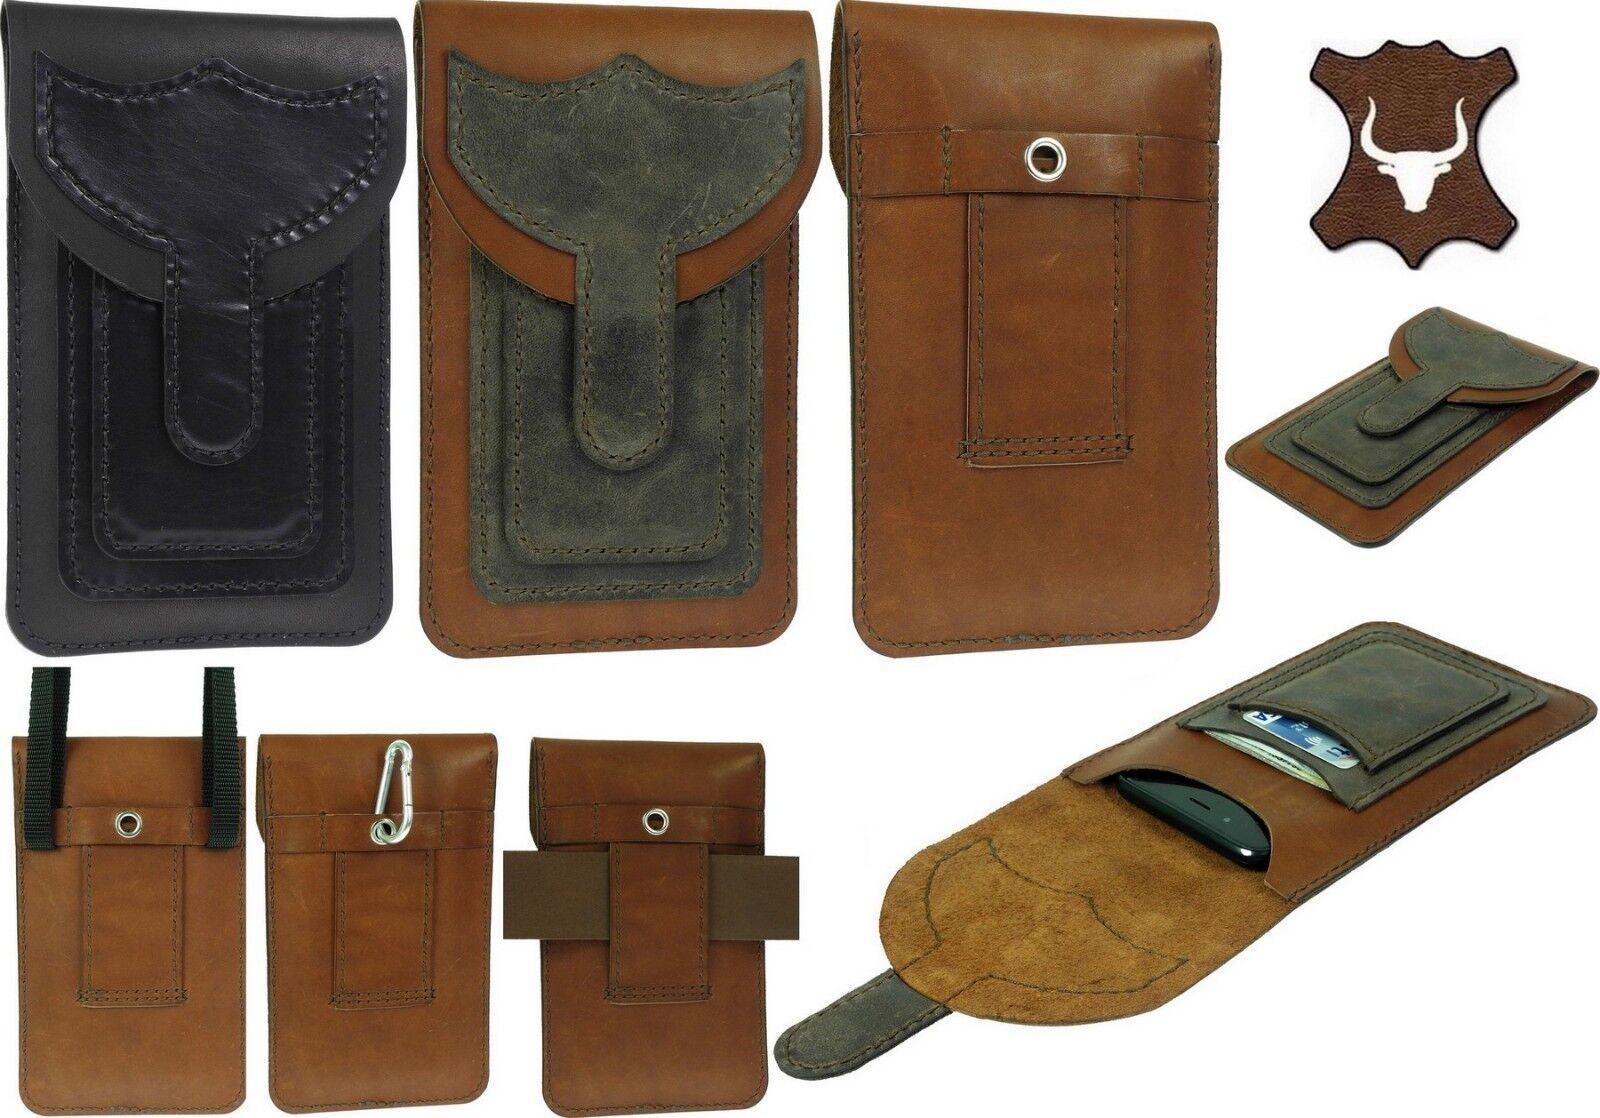 Handgefertigt Echtes Leder Gürteltasche mit 2 Taschen - Schutzhülle für Handys